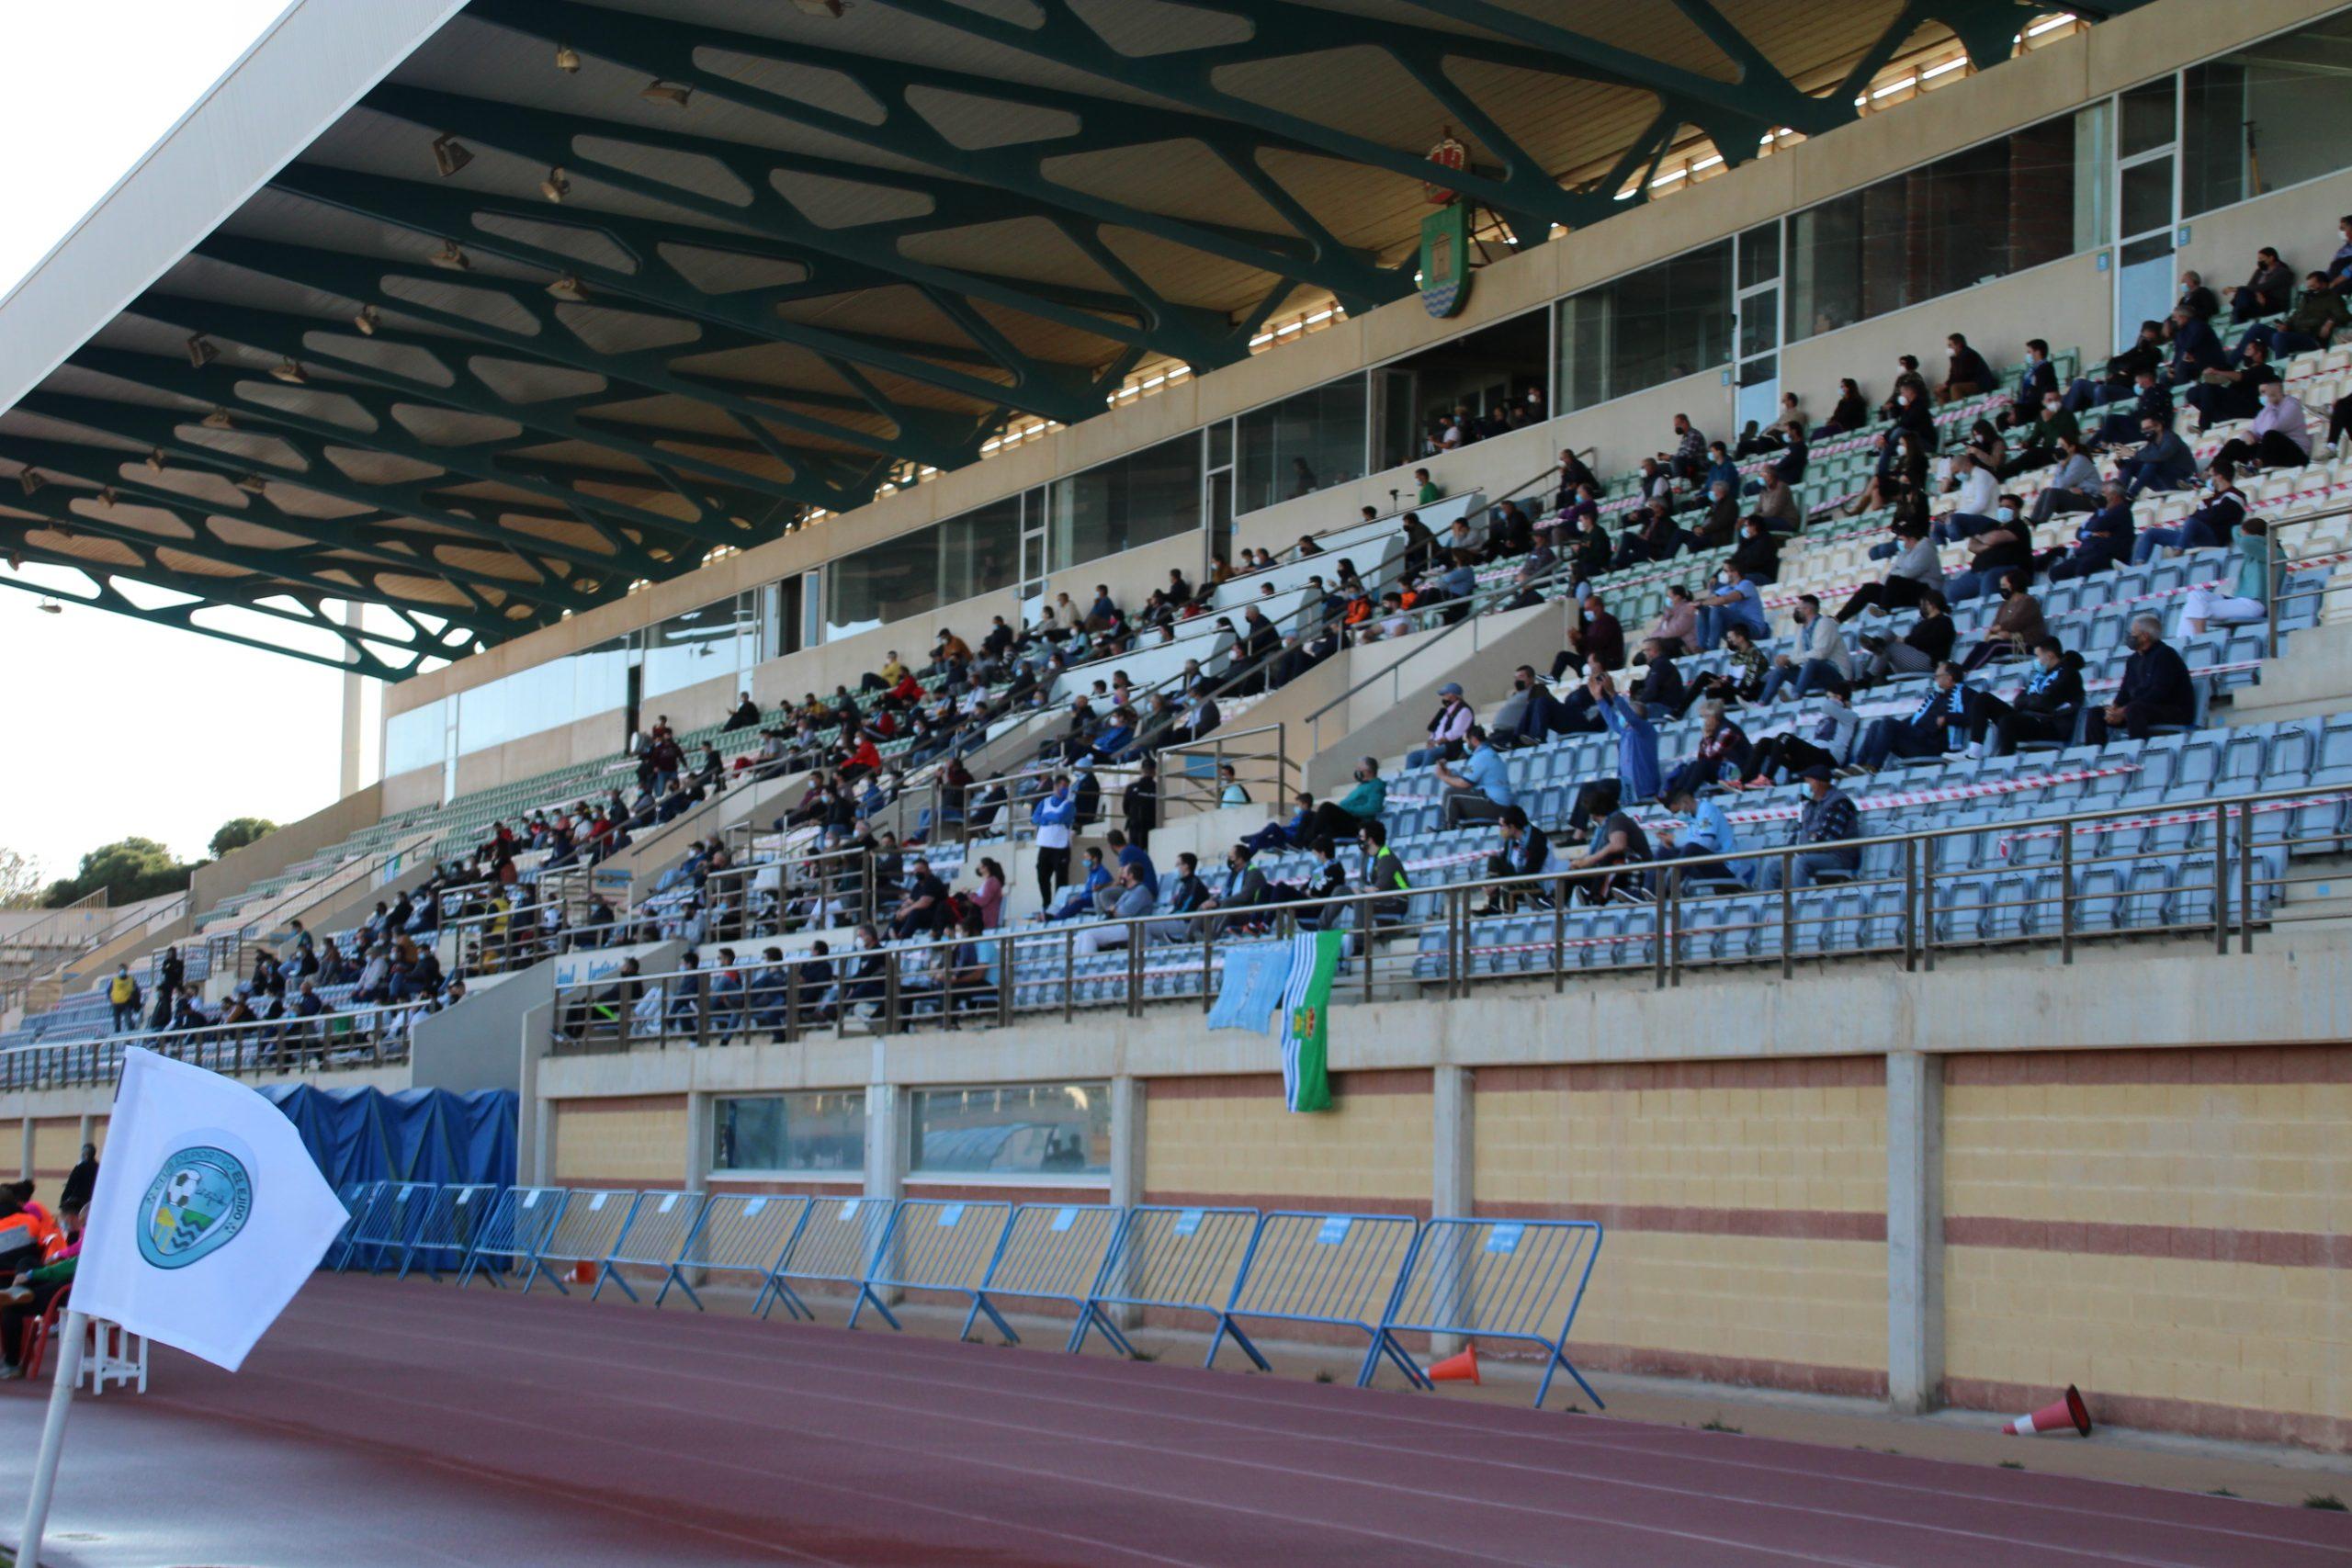 Los abonados podrán presenciar el partido entre CD El Ejido y Recre